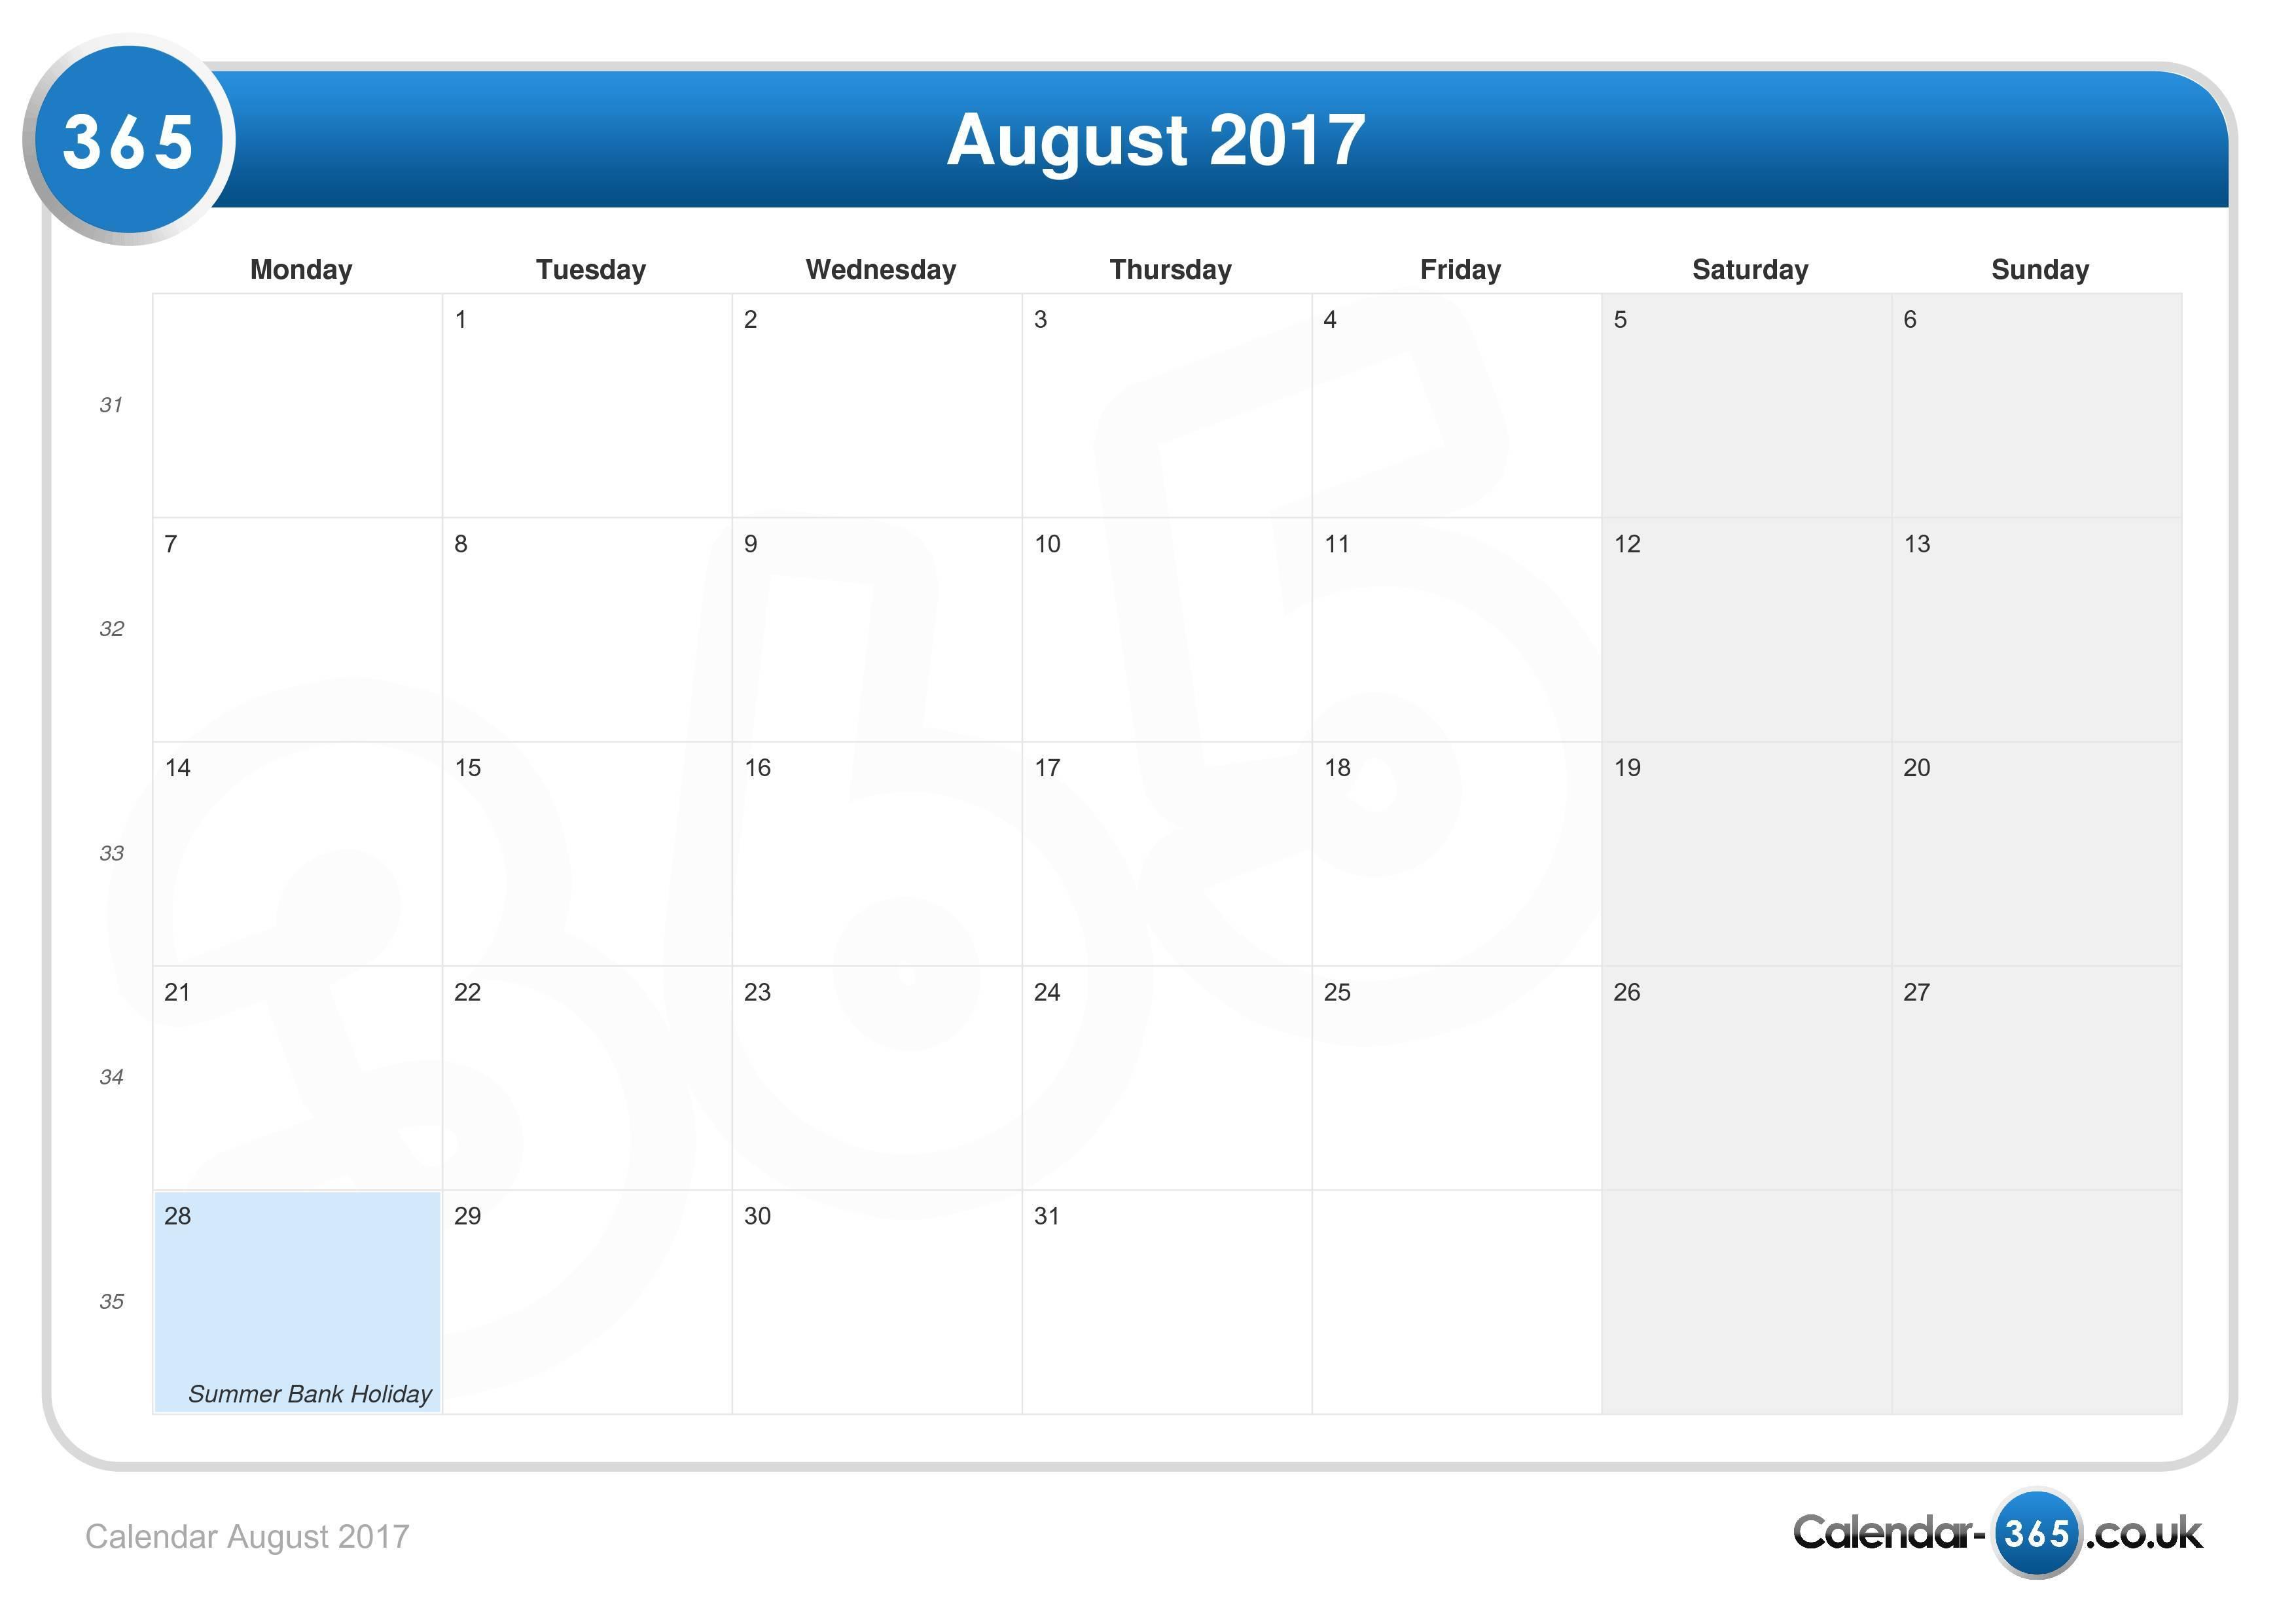 Calendar August 2017